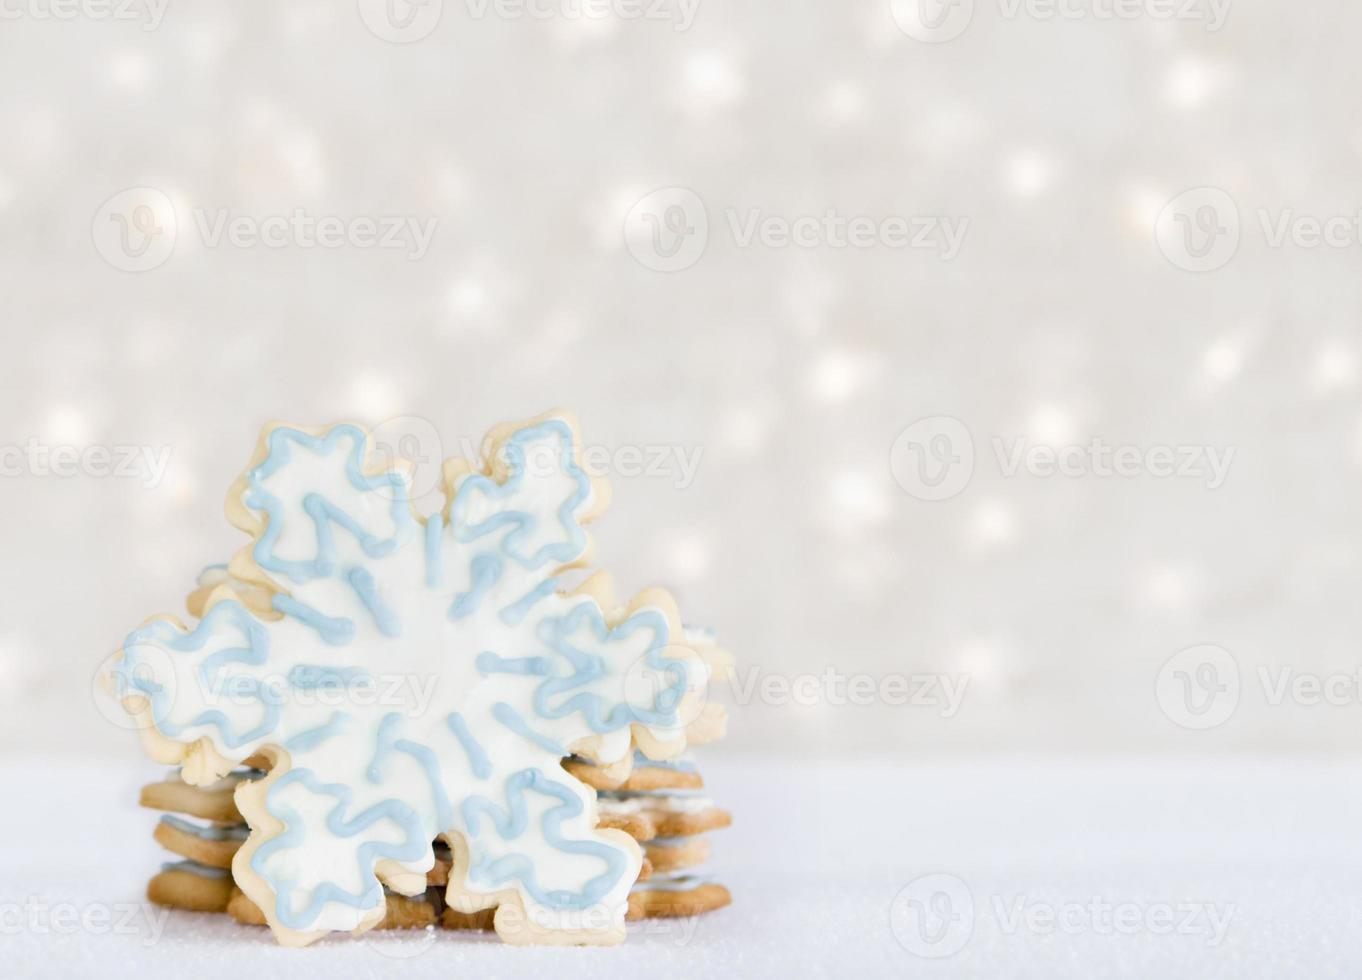 biscoitos de floco de neve - tratamento de inverno foto